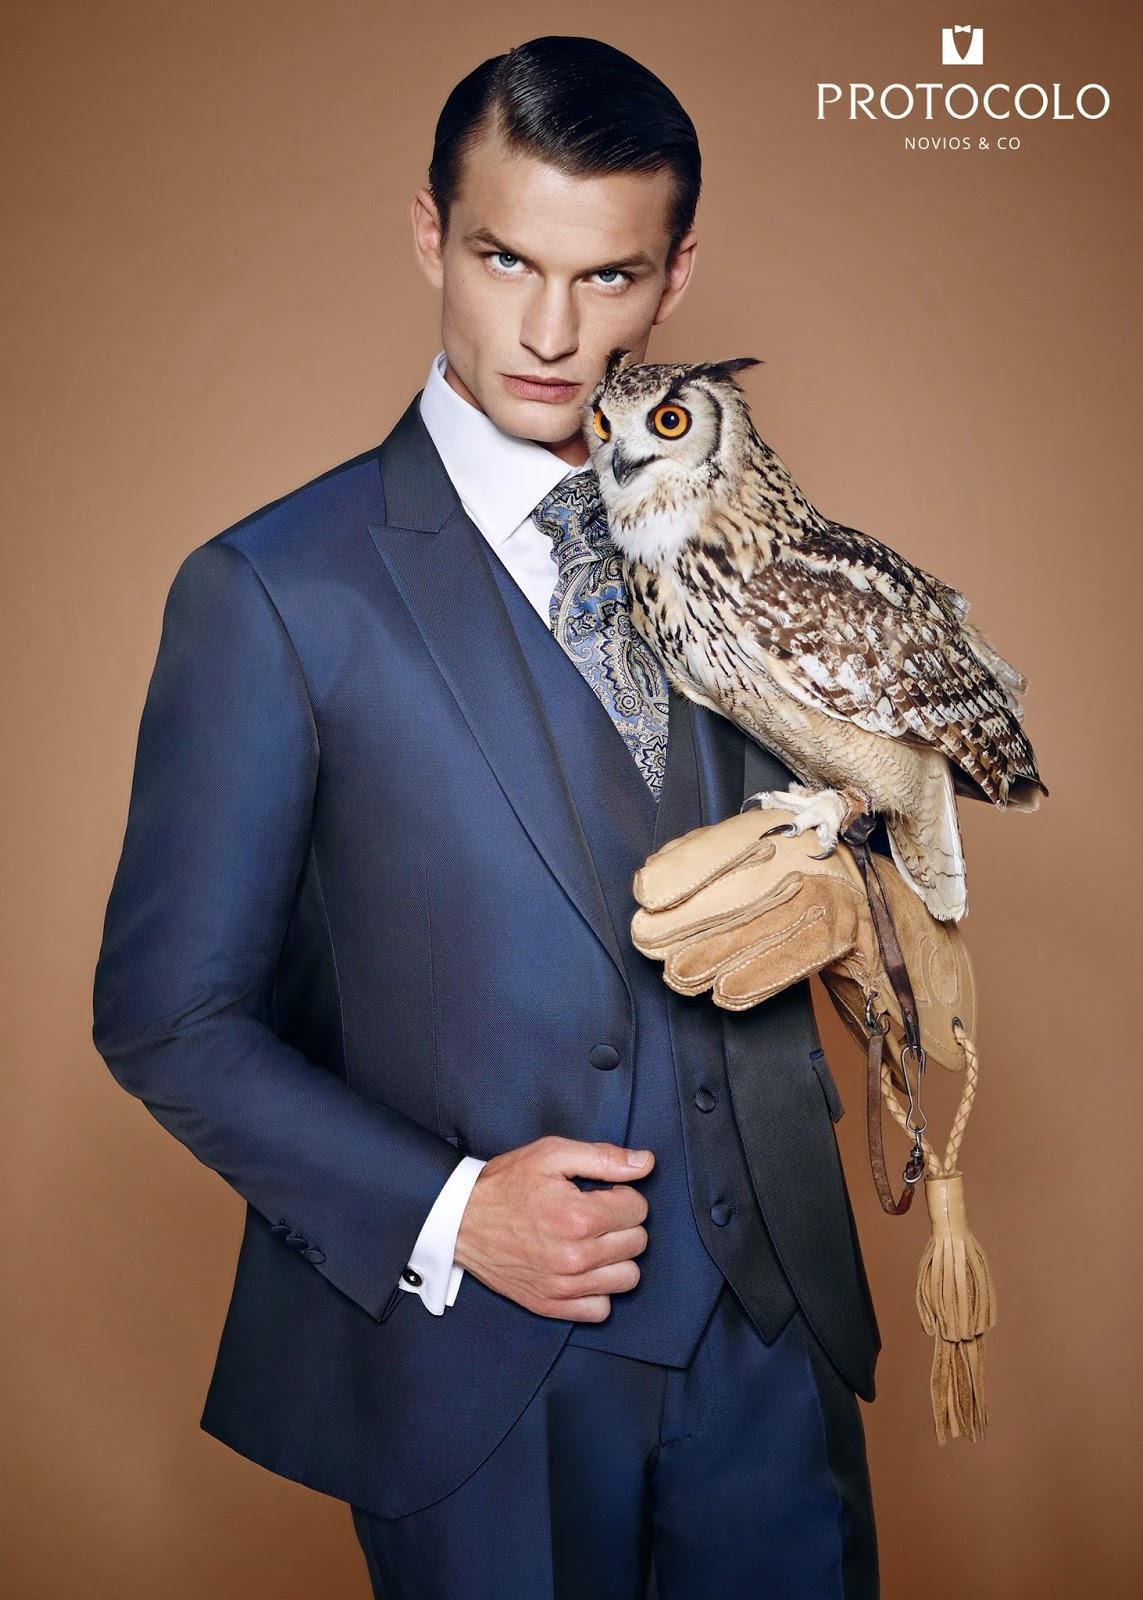 Protocolo novios guia tipos de traje de novio , corbanda blog bodas mi boda gratis